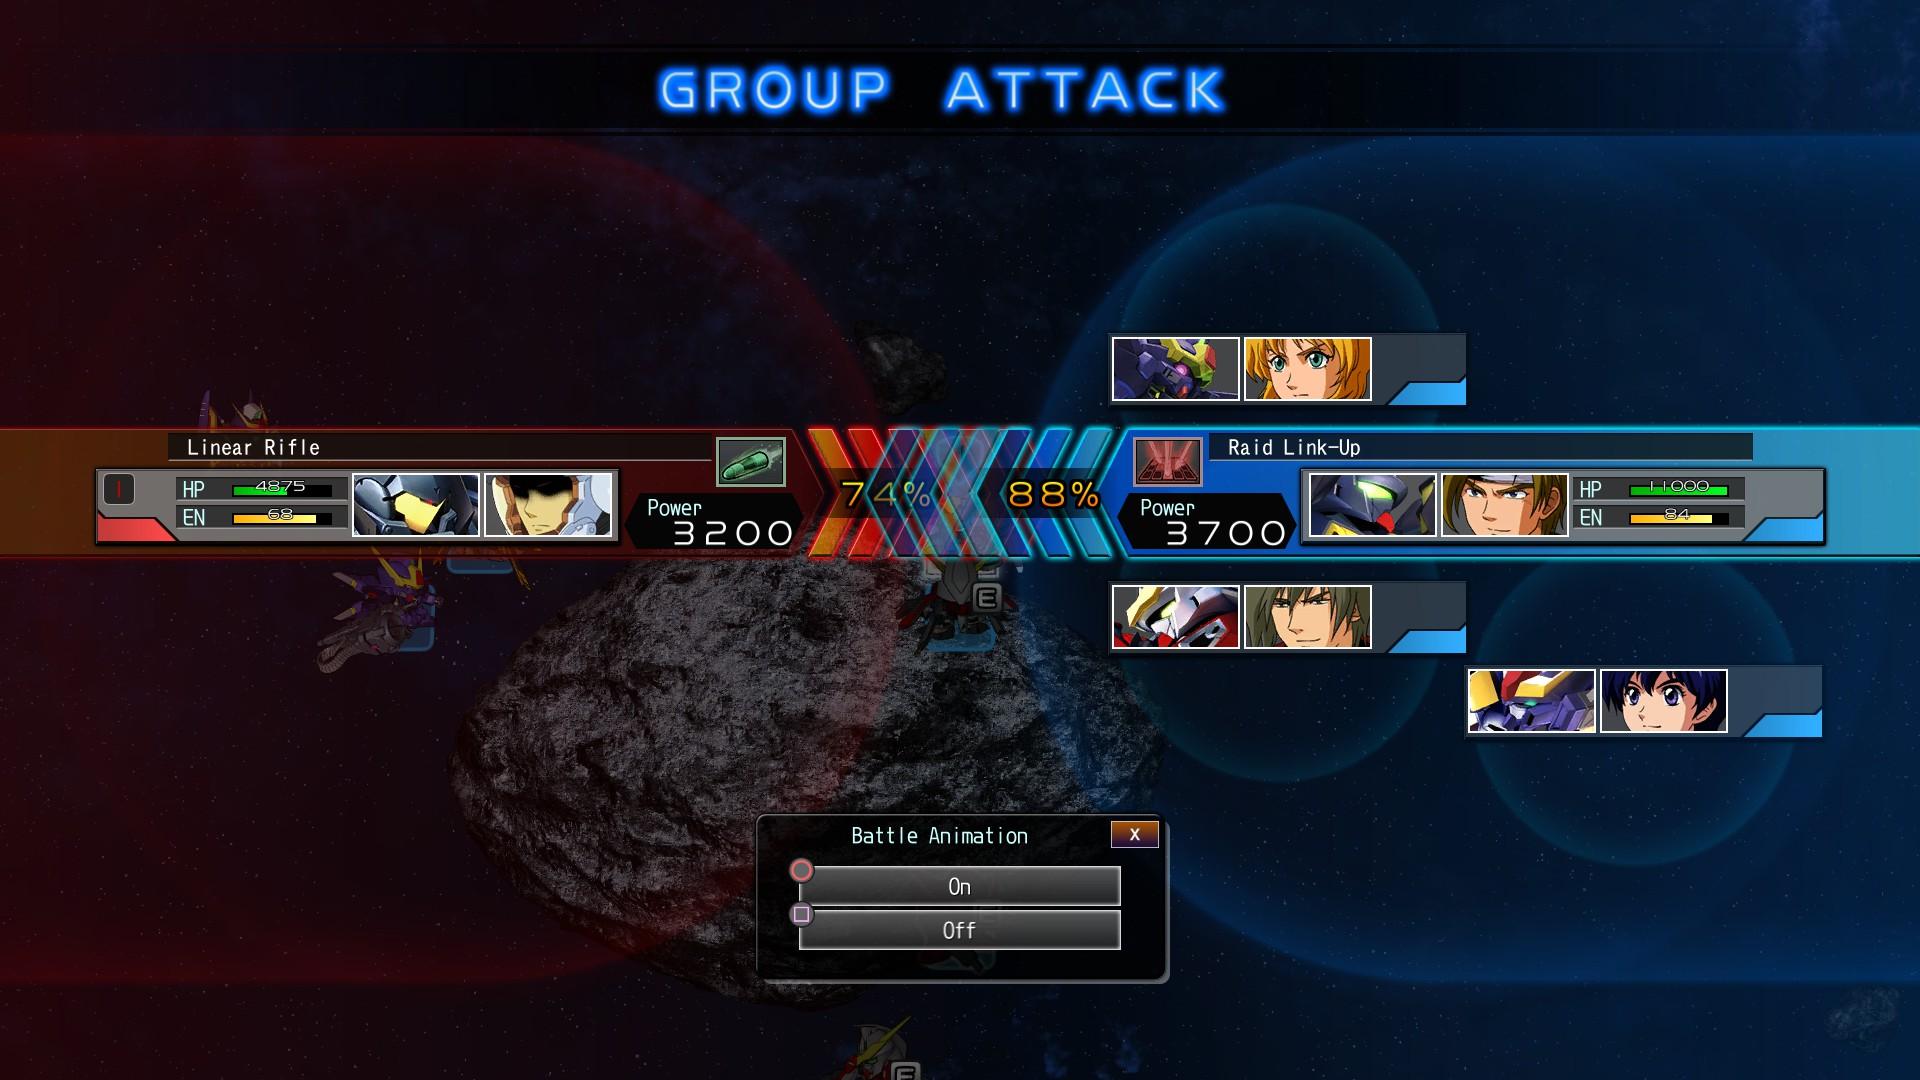 Gundam 29112019 19